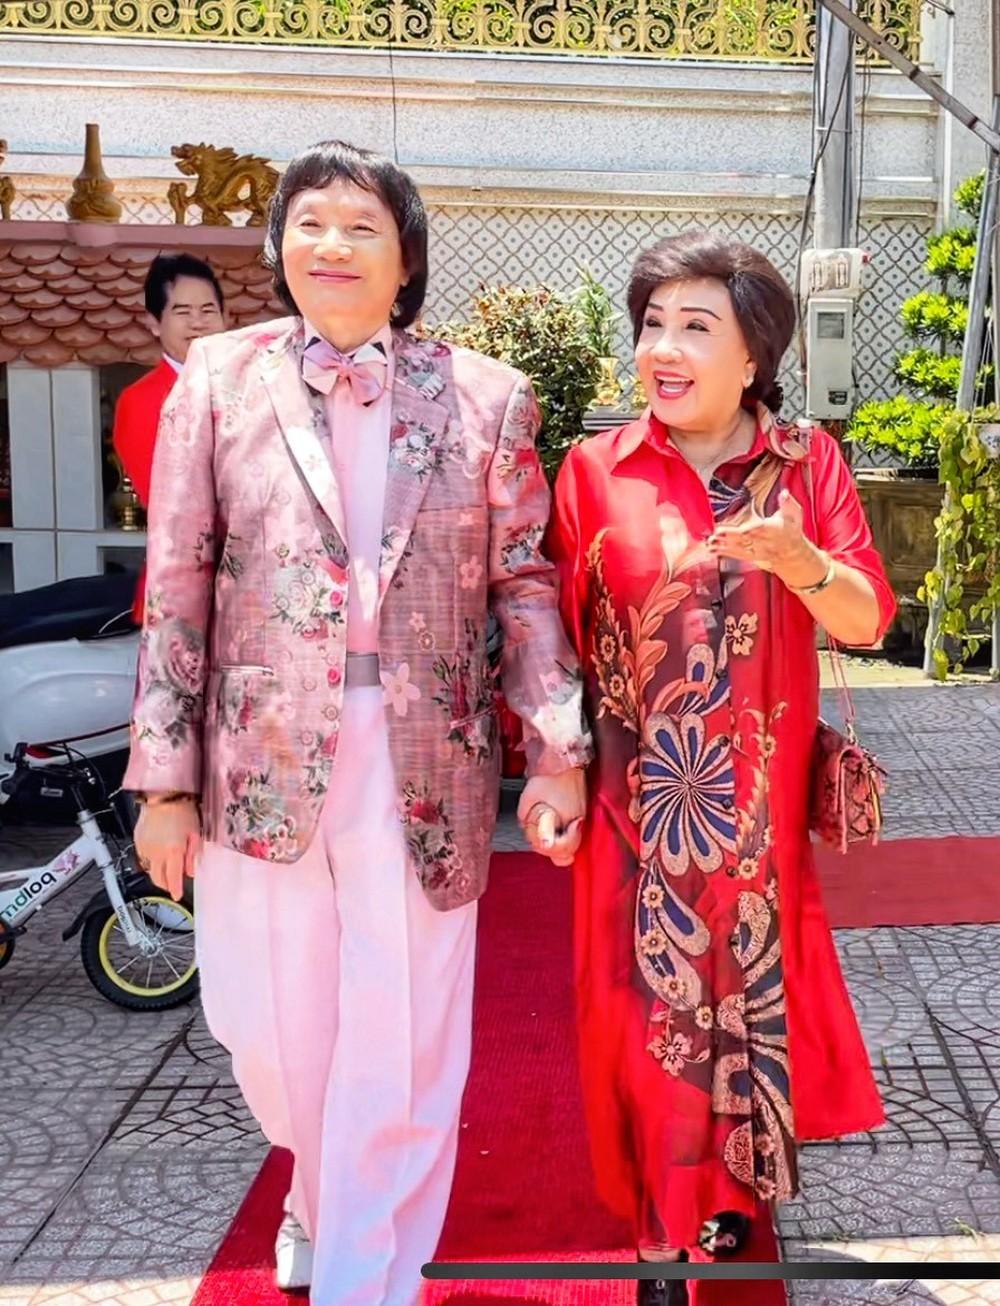 Ông hoàng cải lương Minh Vương: Sống bình yên sau bạo bệnh, hôn nhân 30 năm hạnh phúc - Ảnh 1.